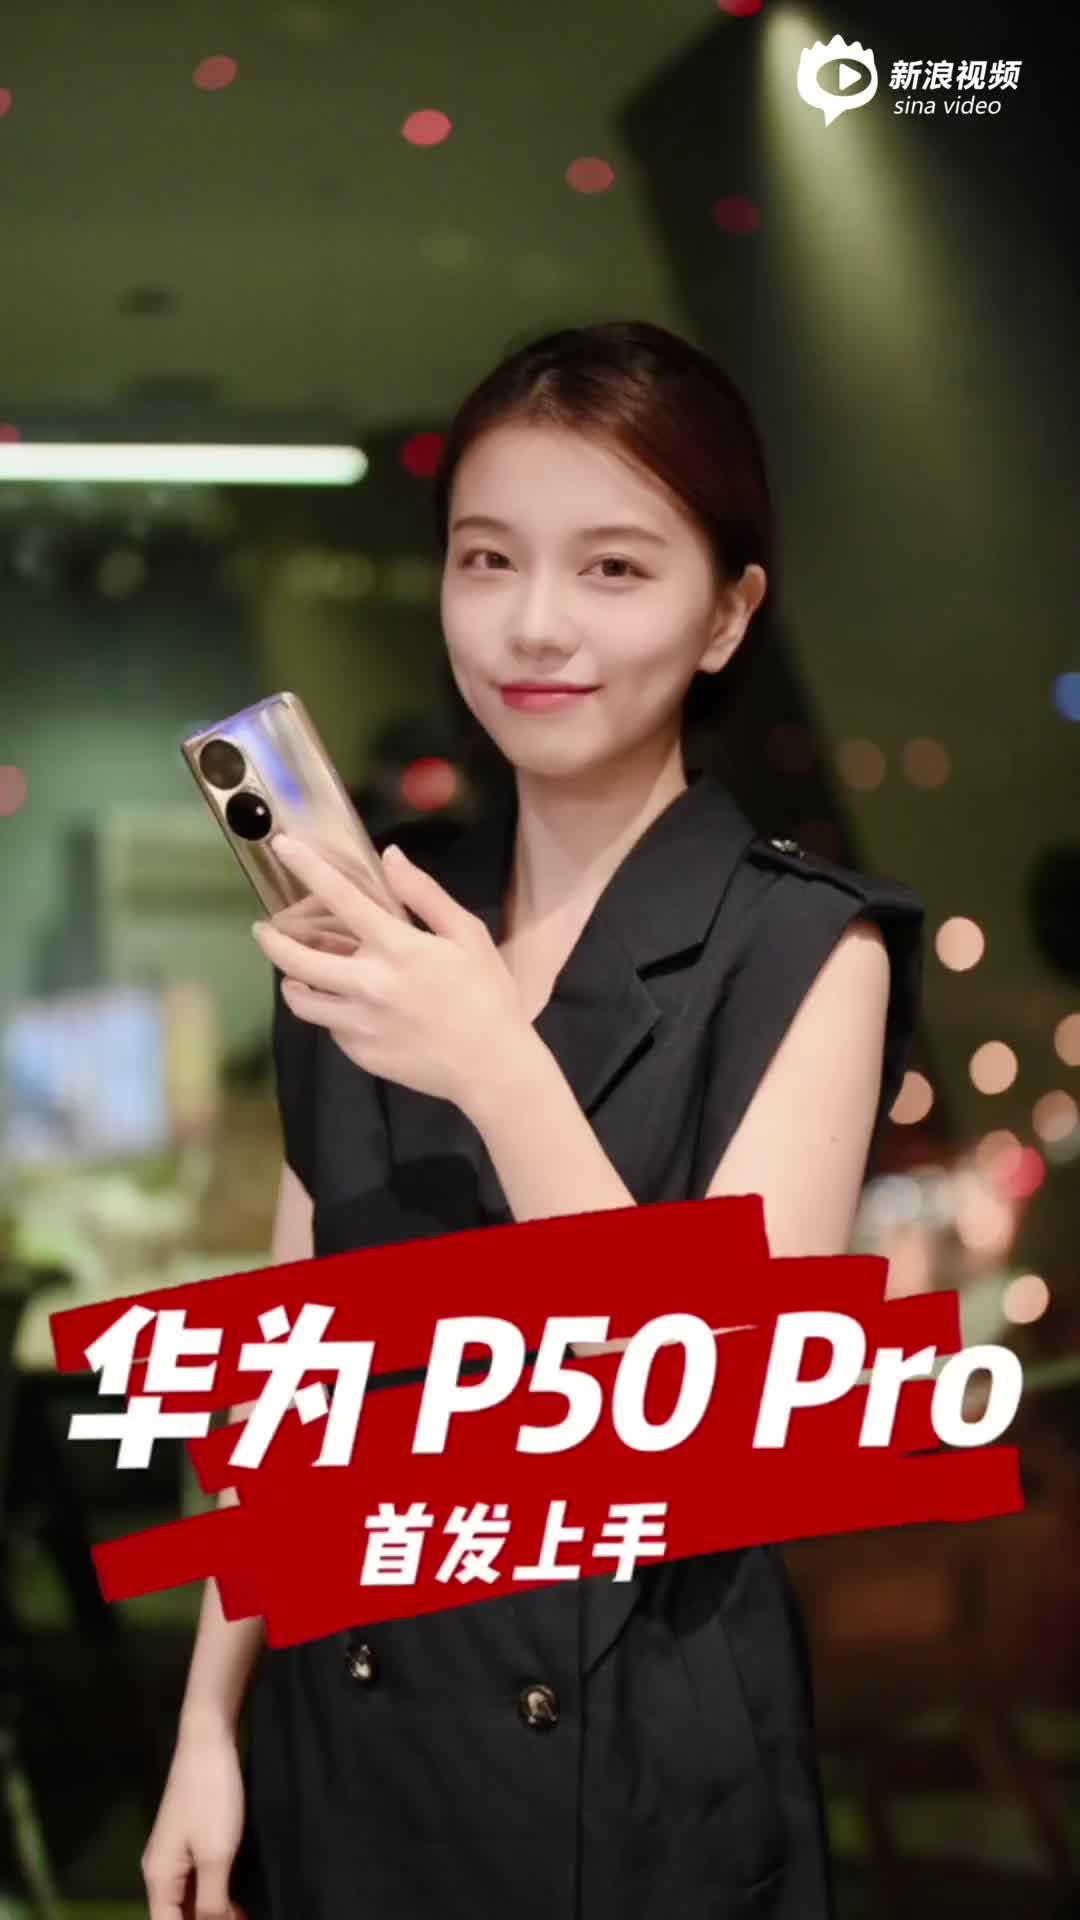 华为P50 Pro快速上手